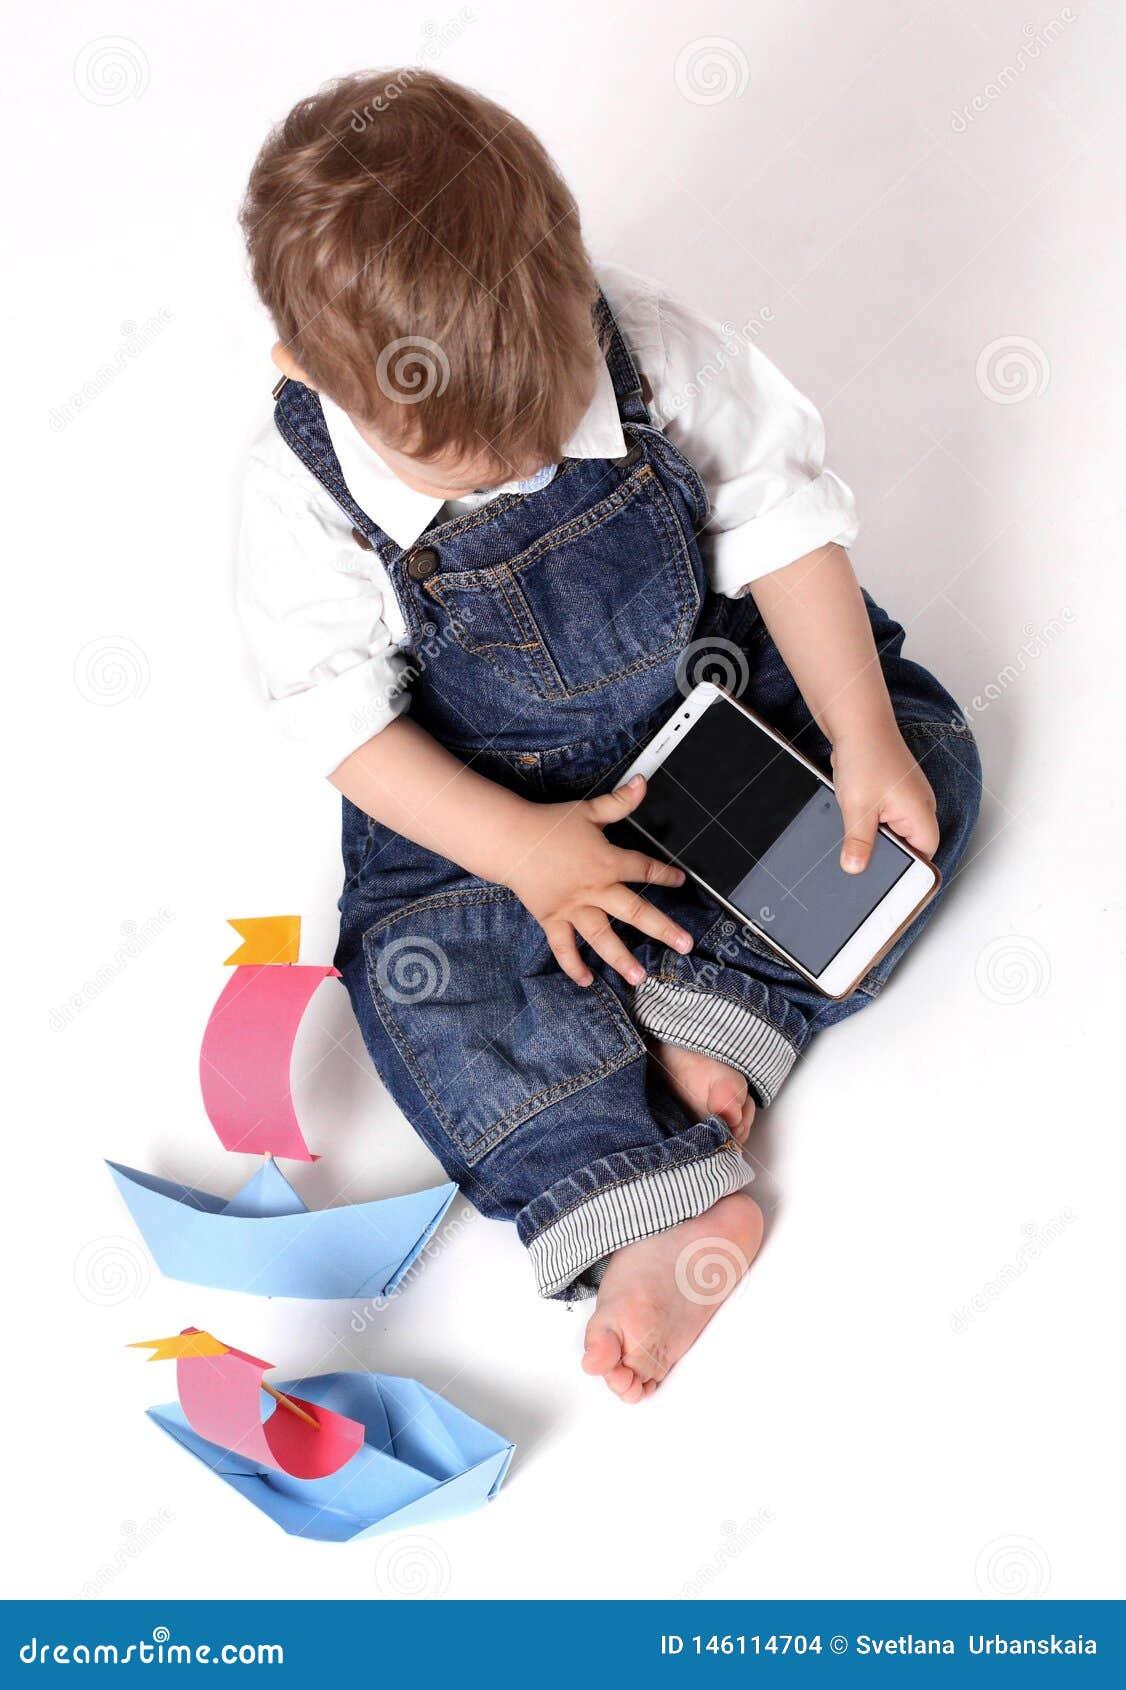 Pi?kny dziecko bawi? si? z m?drze telefonem odizolowywaj?cym na bia?ym tle